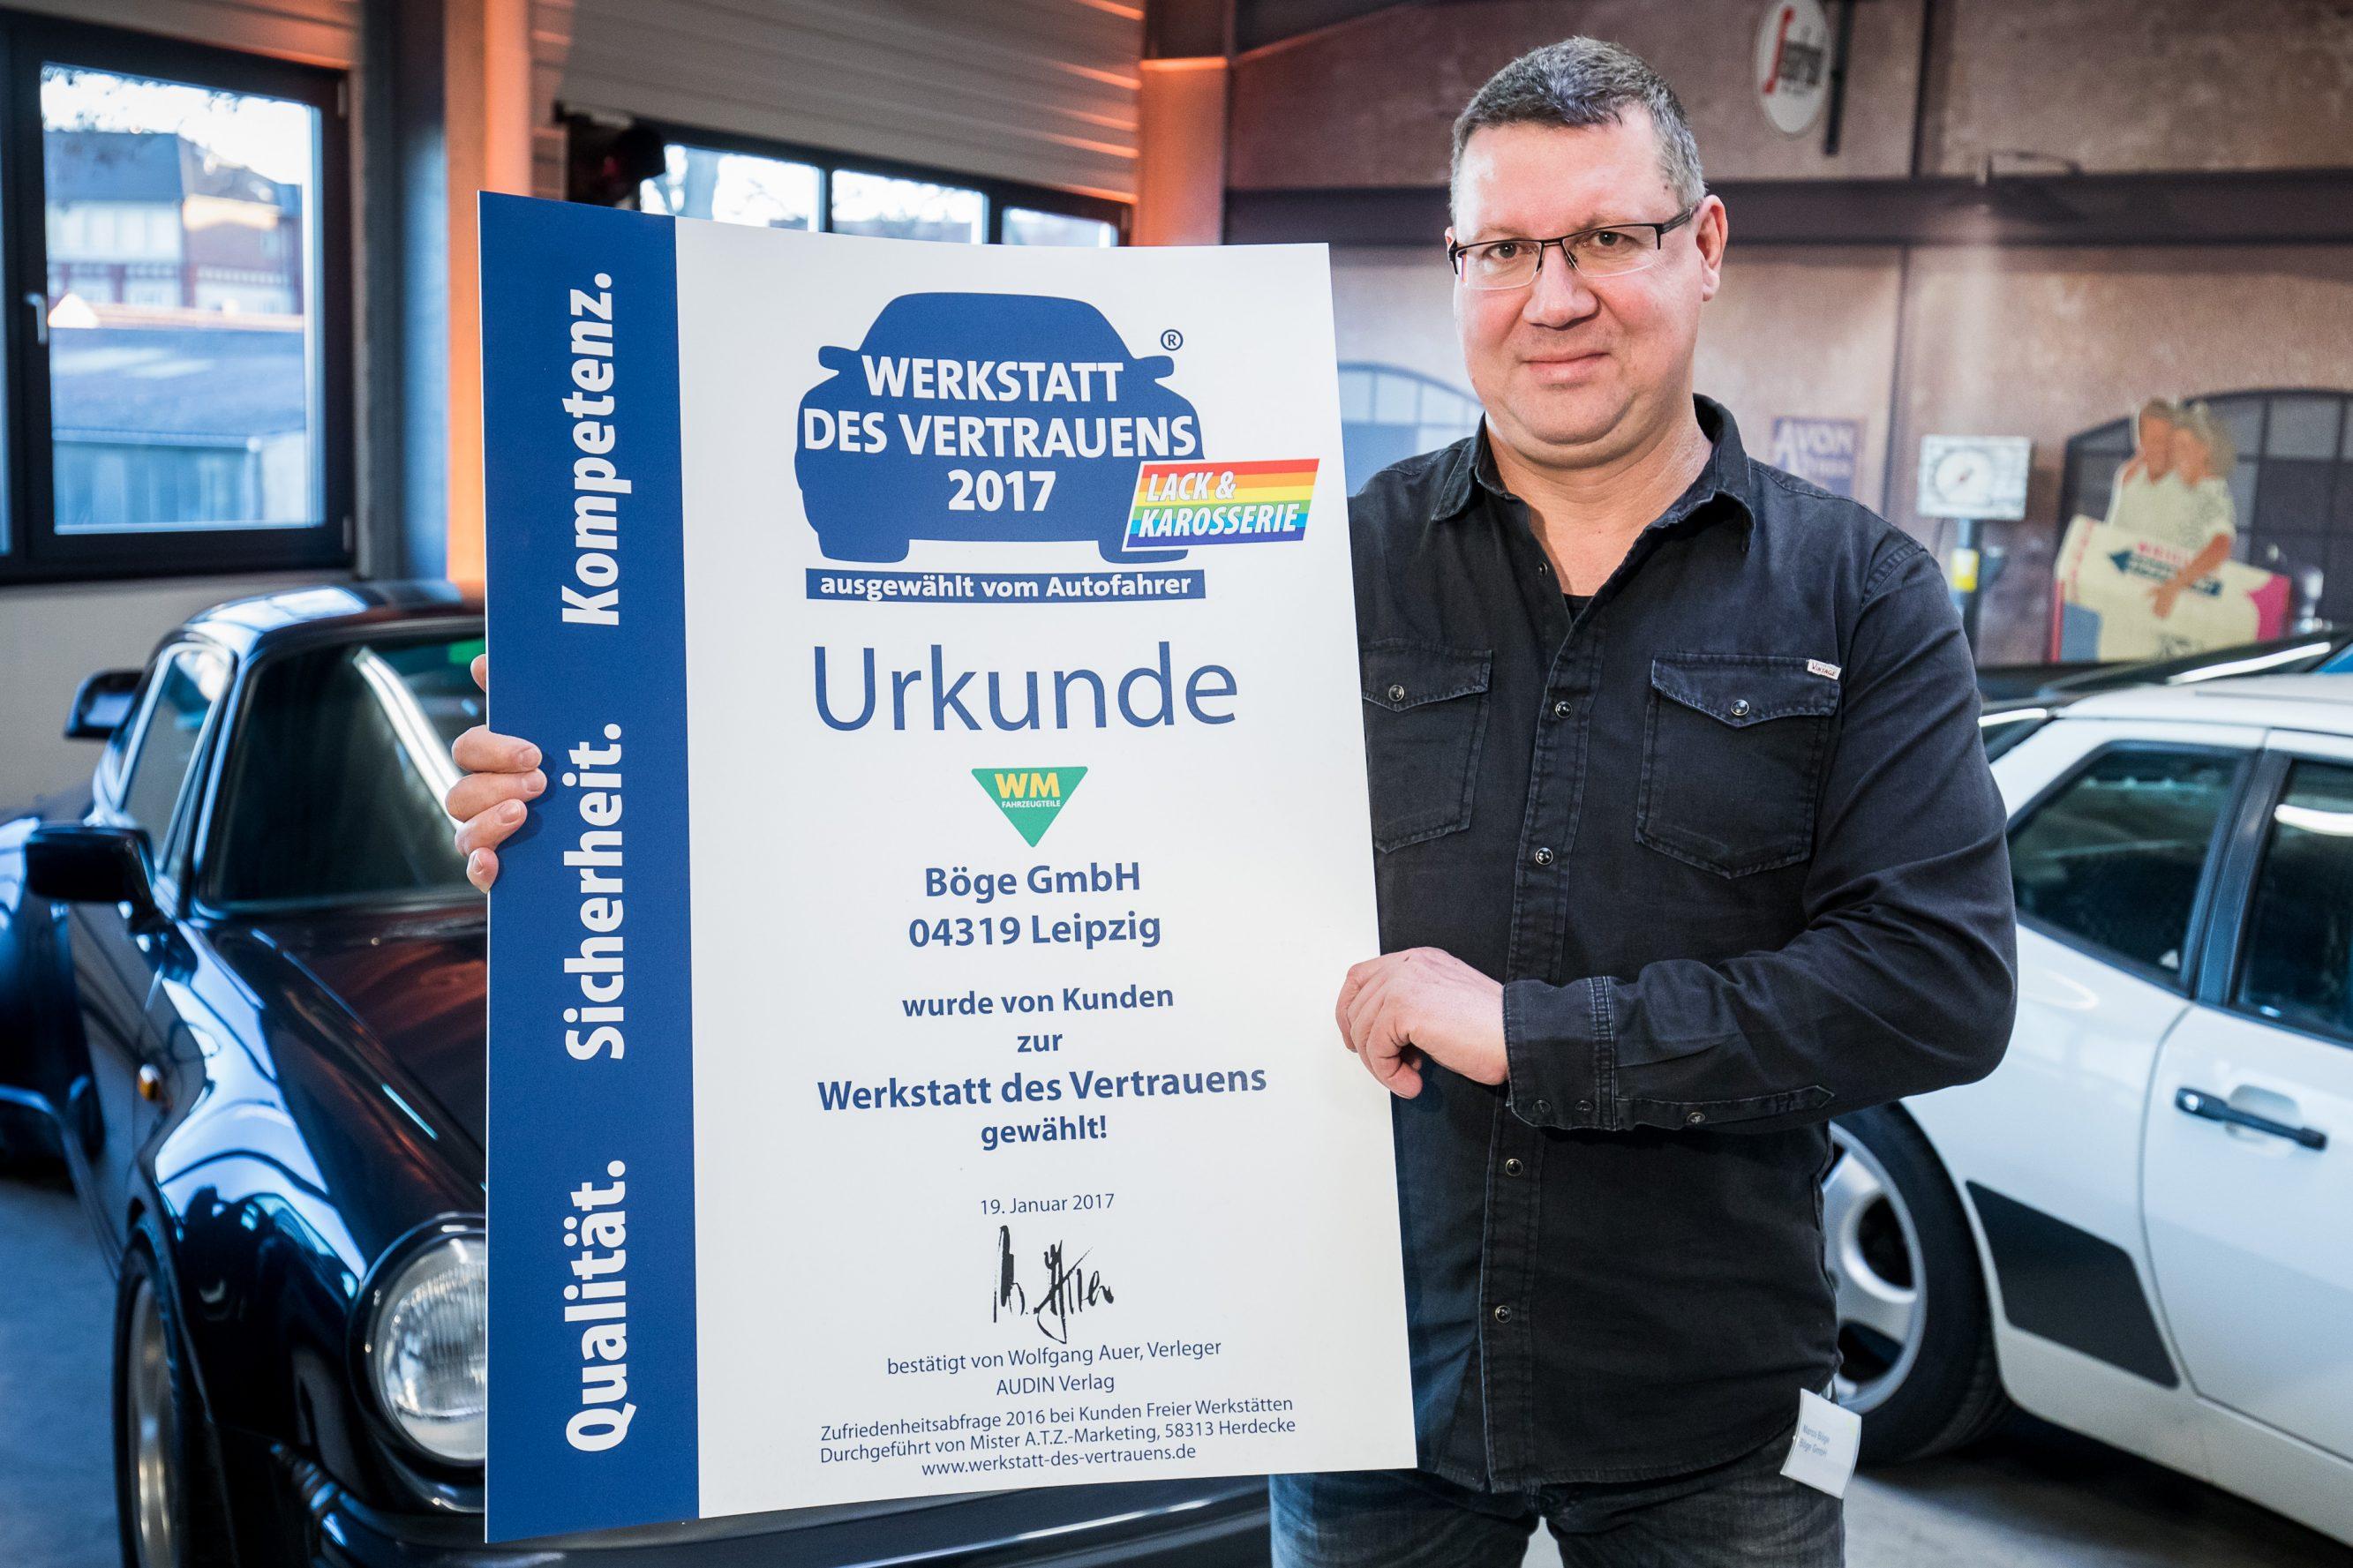 """Marco Böge mit der Ehrenurkunde zur Kundenbefragung """"Werkstatt des Vertrauens"""". Foto: Udo Geisler"""